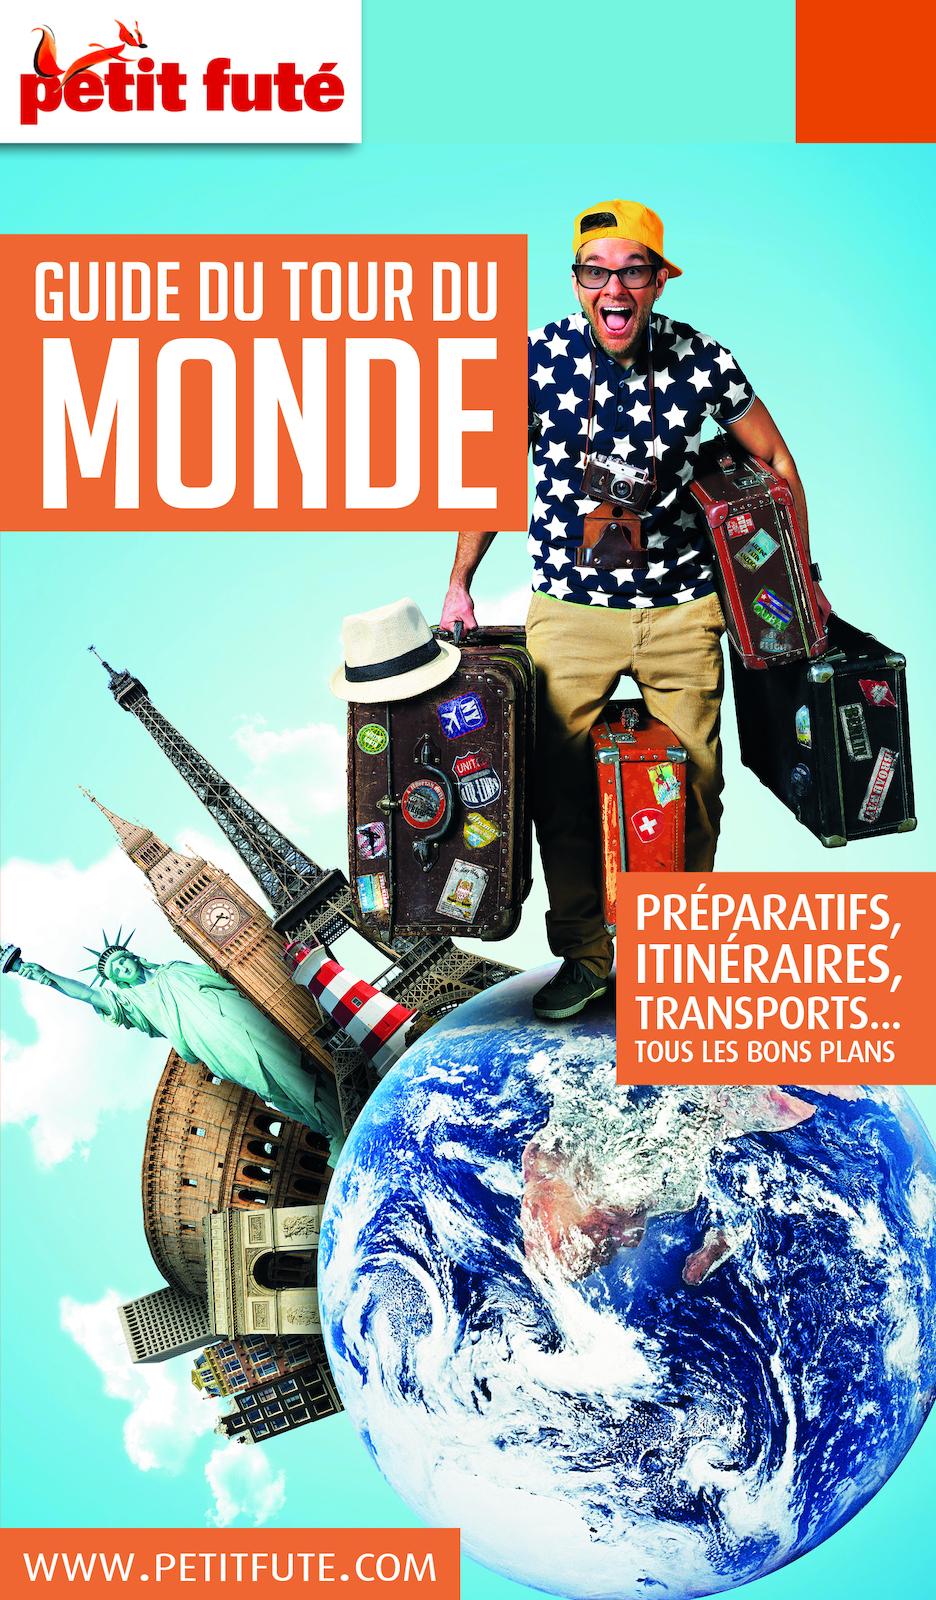 TOUR DU MONDE (GUIDE DU) 2018/2019 Petit Futé |